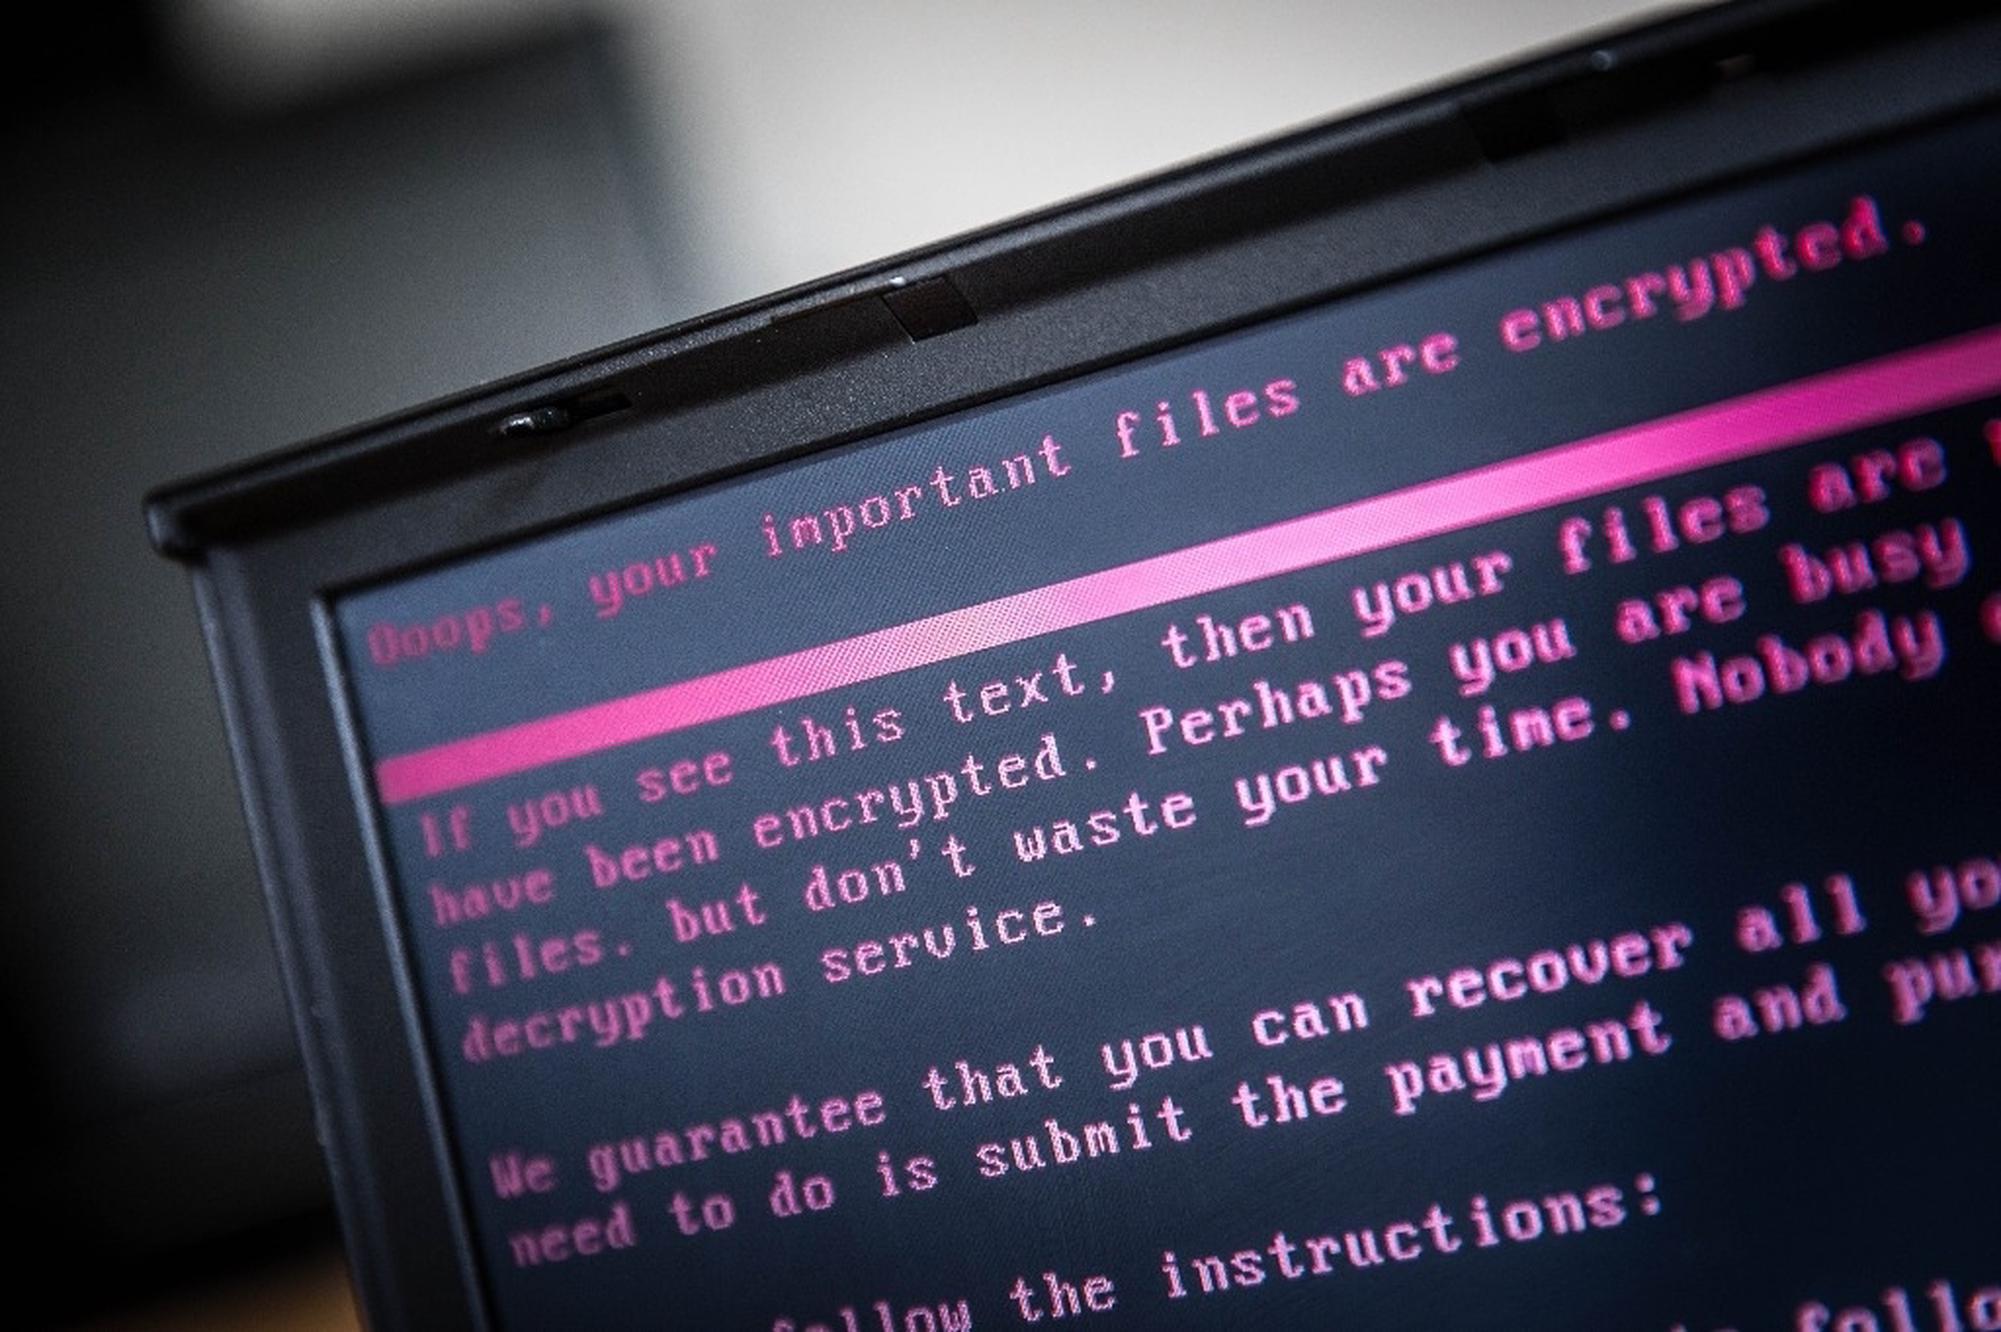 Российские хакеры атаковали системы Республиканской партии США